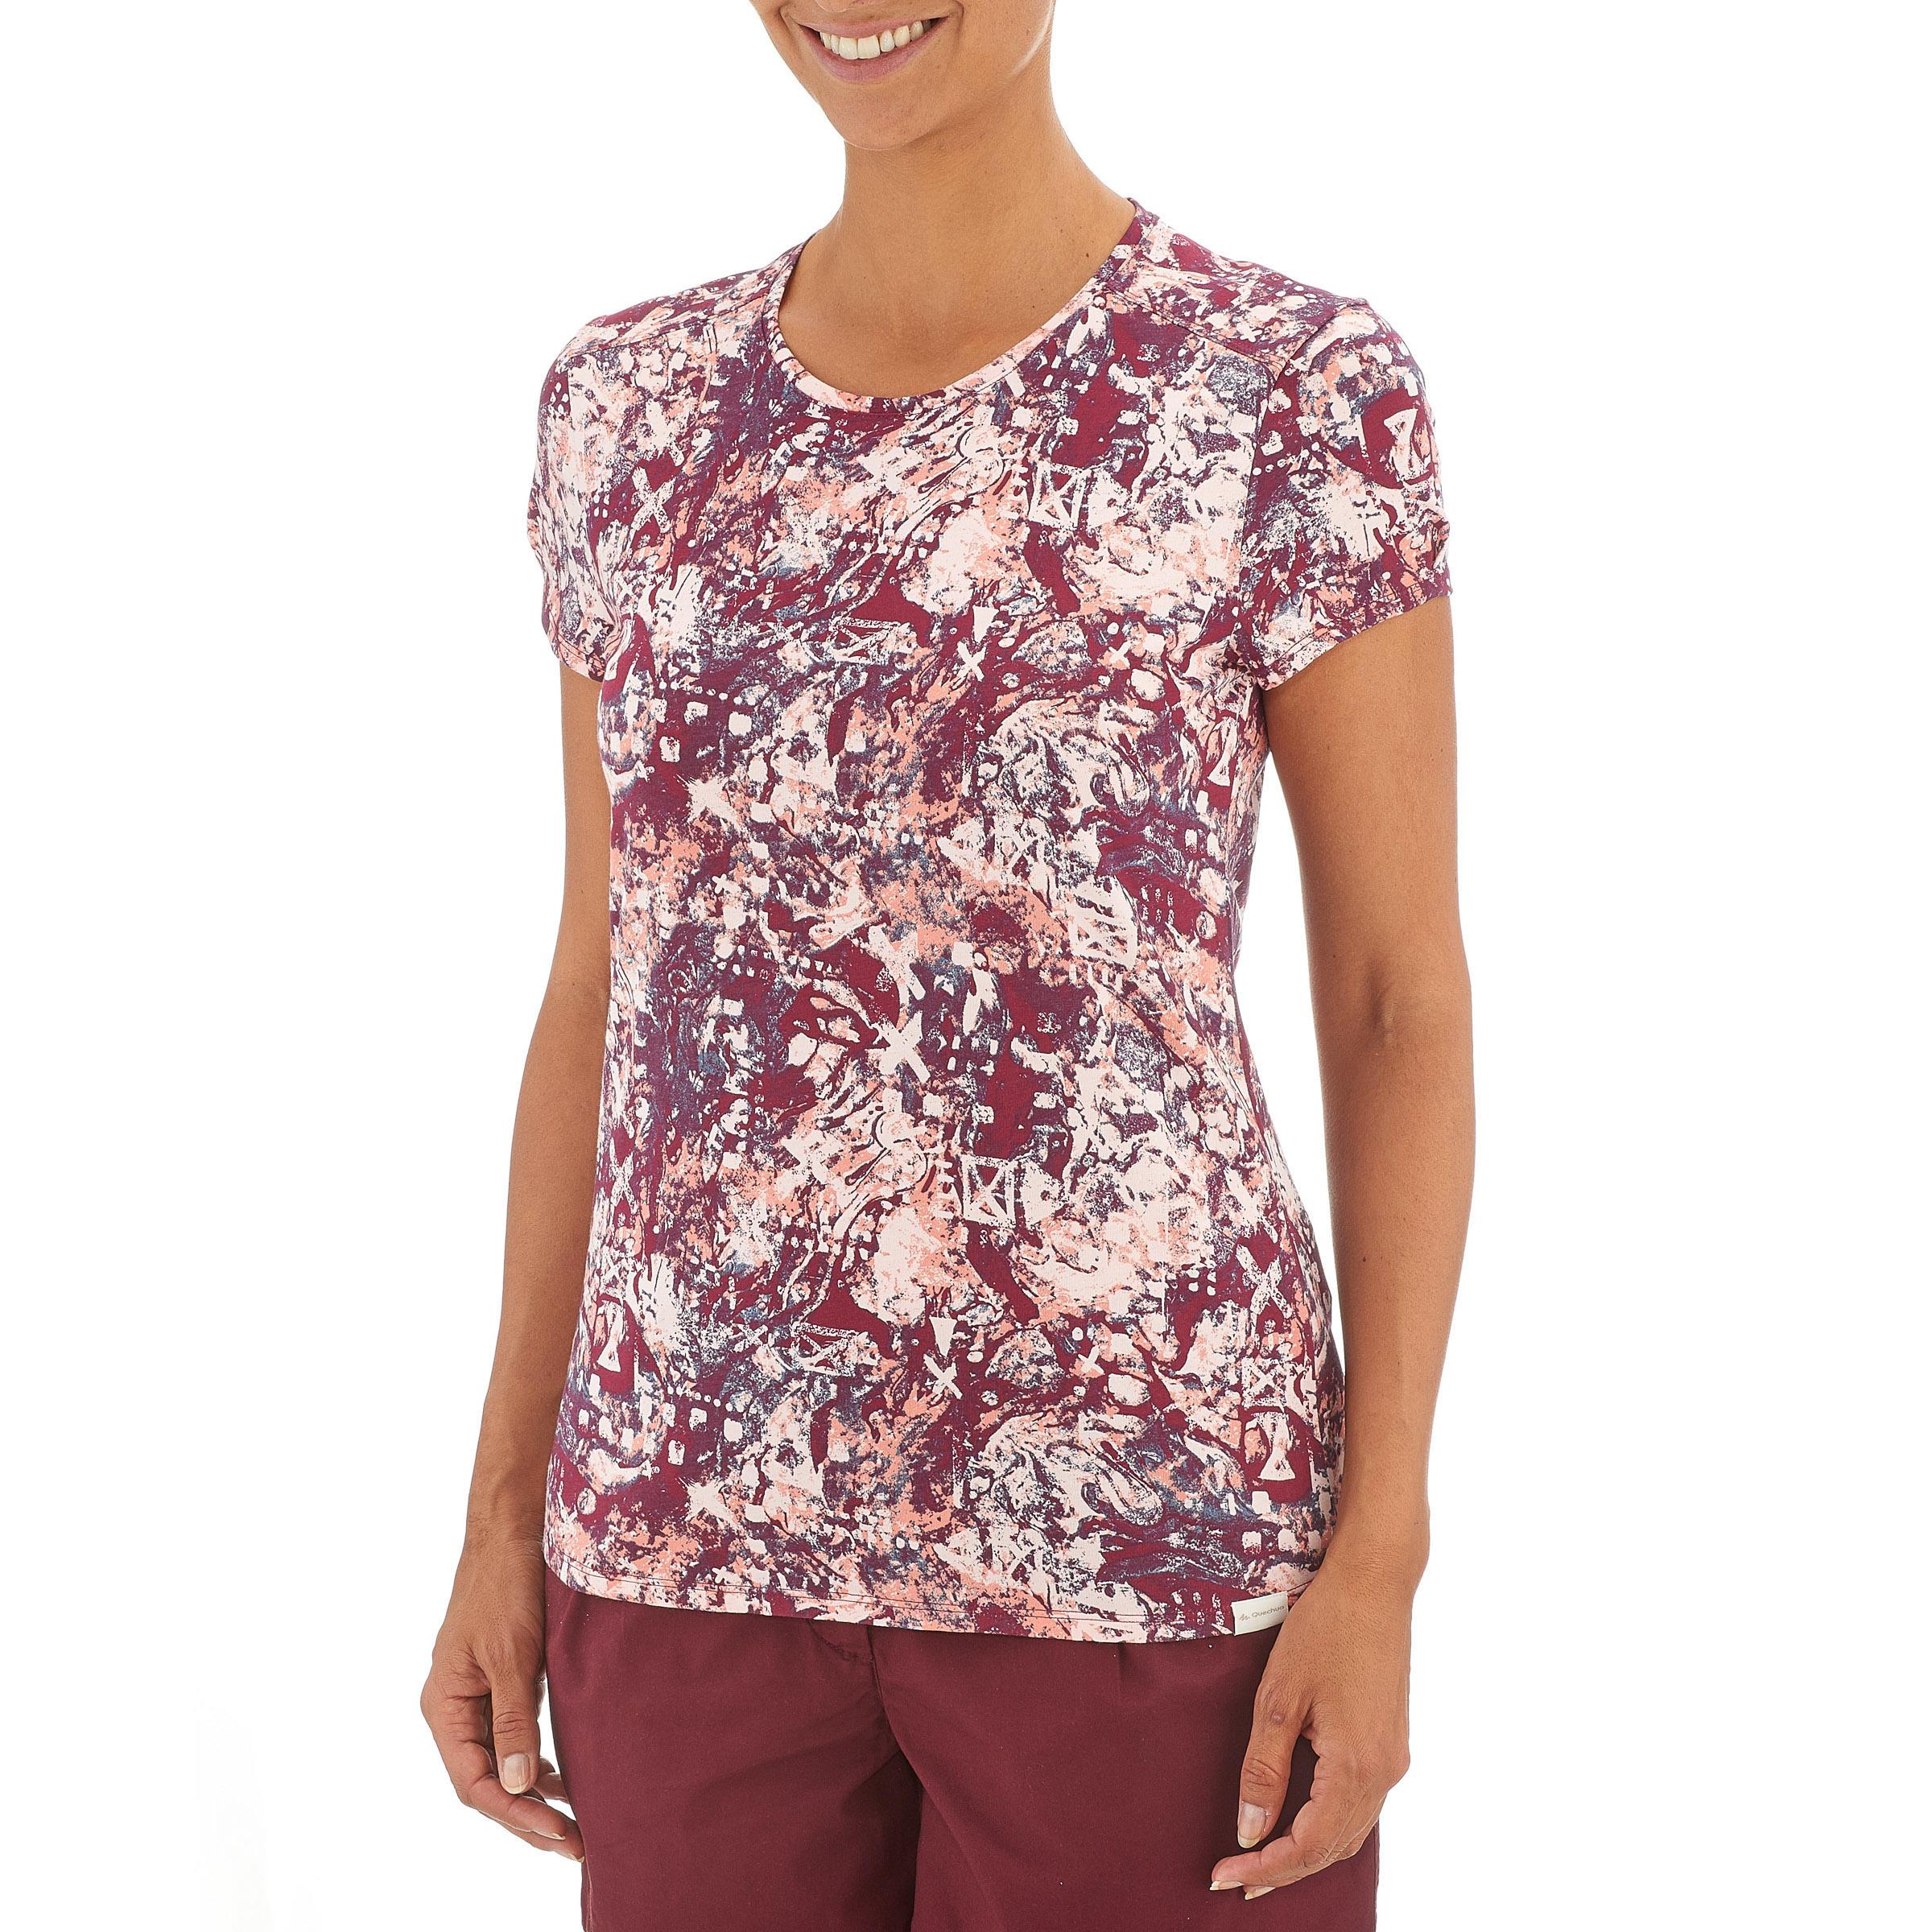 Women's NH500 country walking t-shirt - Burgundy